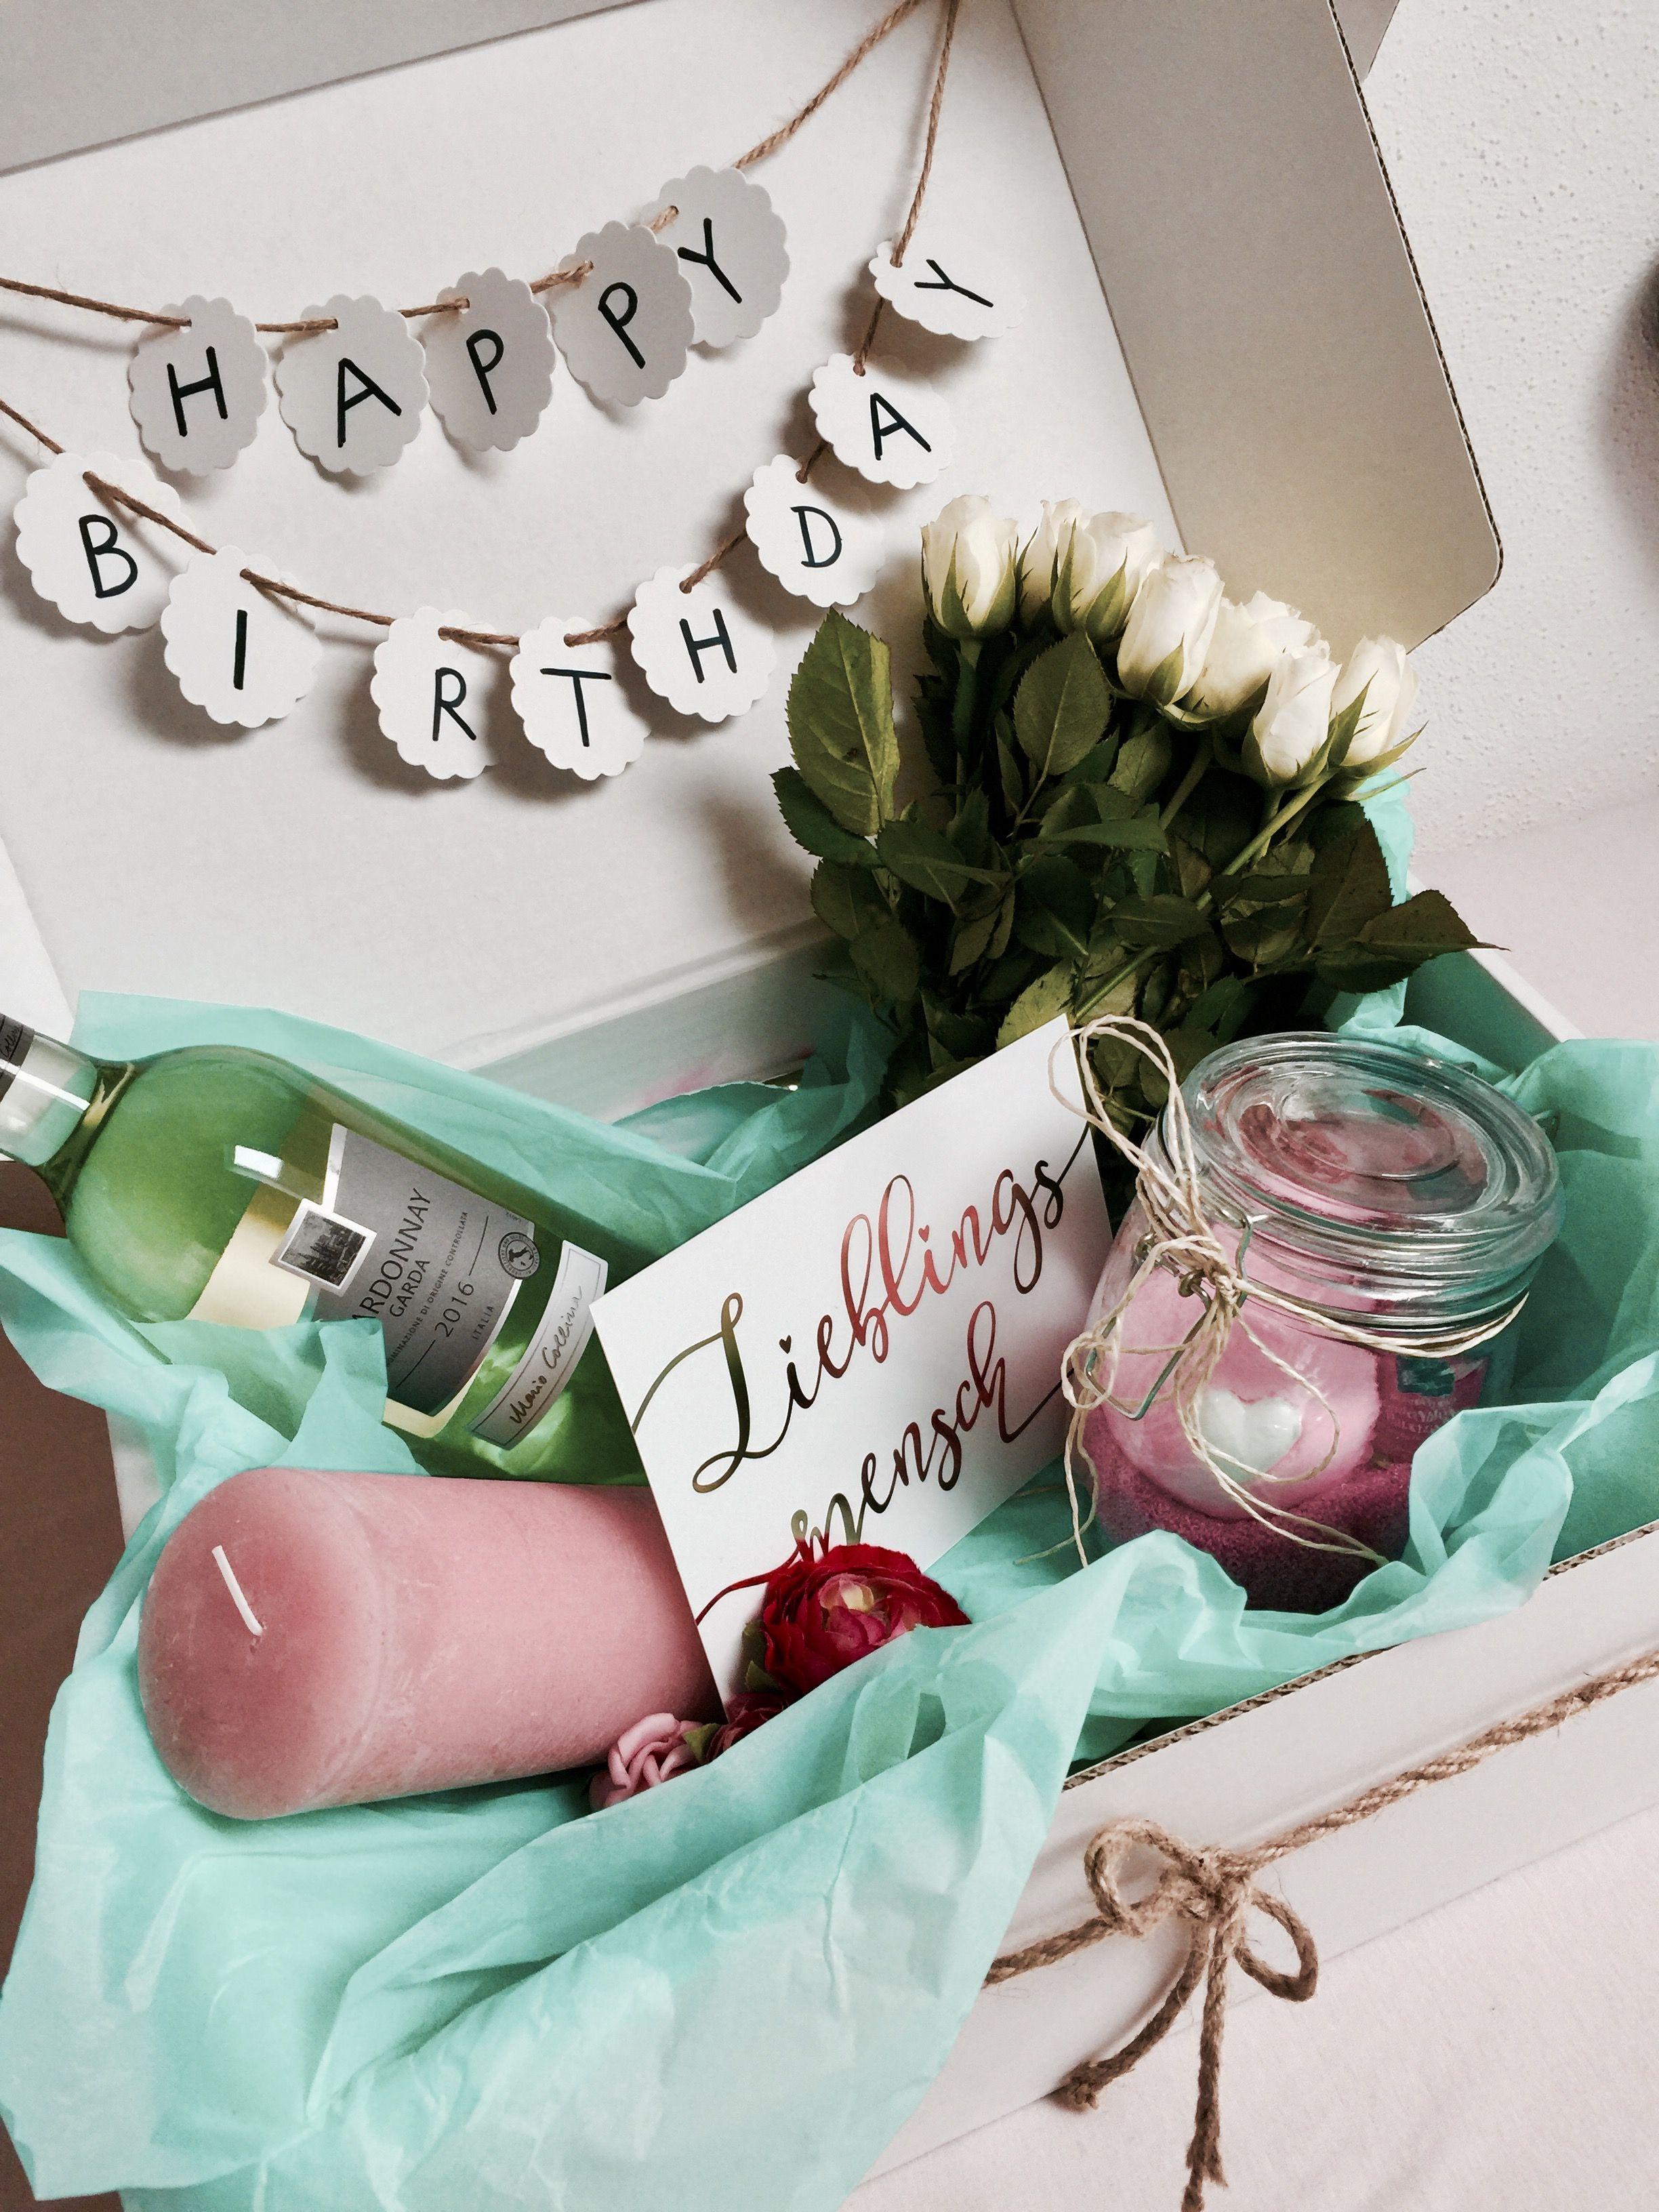 pin von denise fredricks auf gift idears pinterest geschenkideen geschenk und geschenke frauen. Black Bedroom Furniture Sets. Home Design Ideas